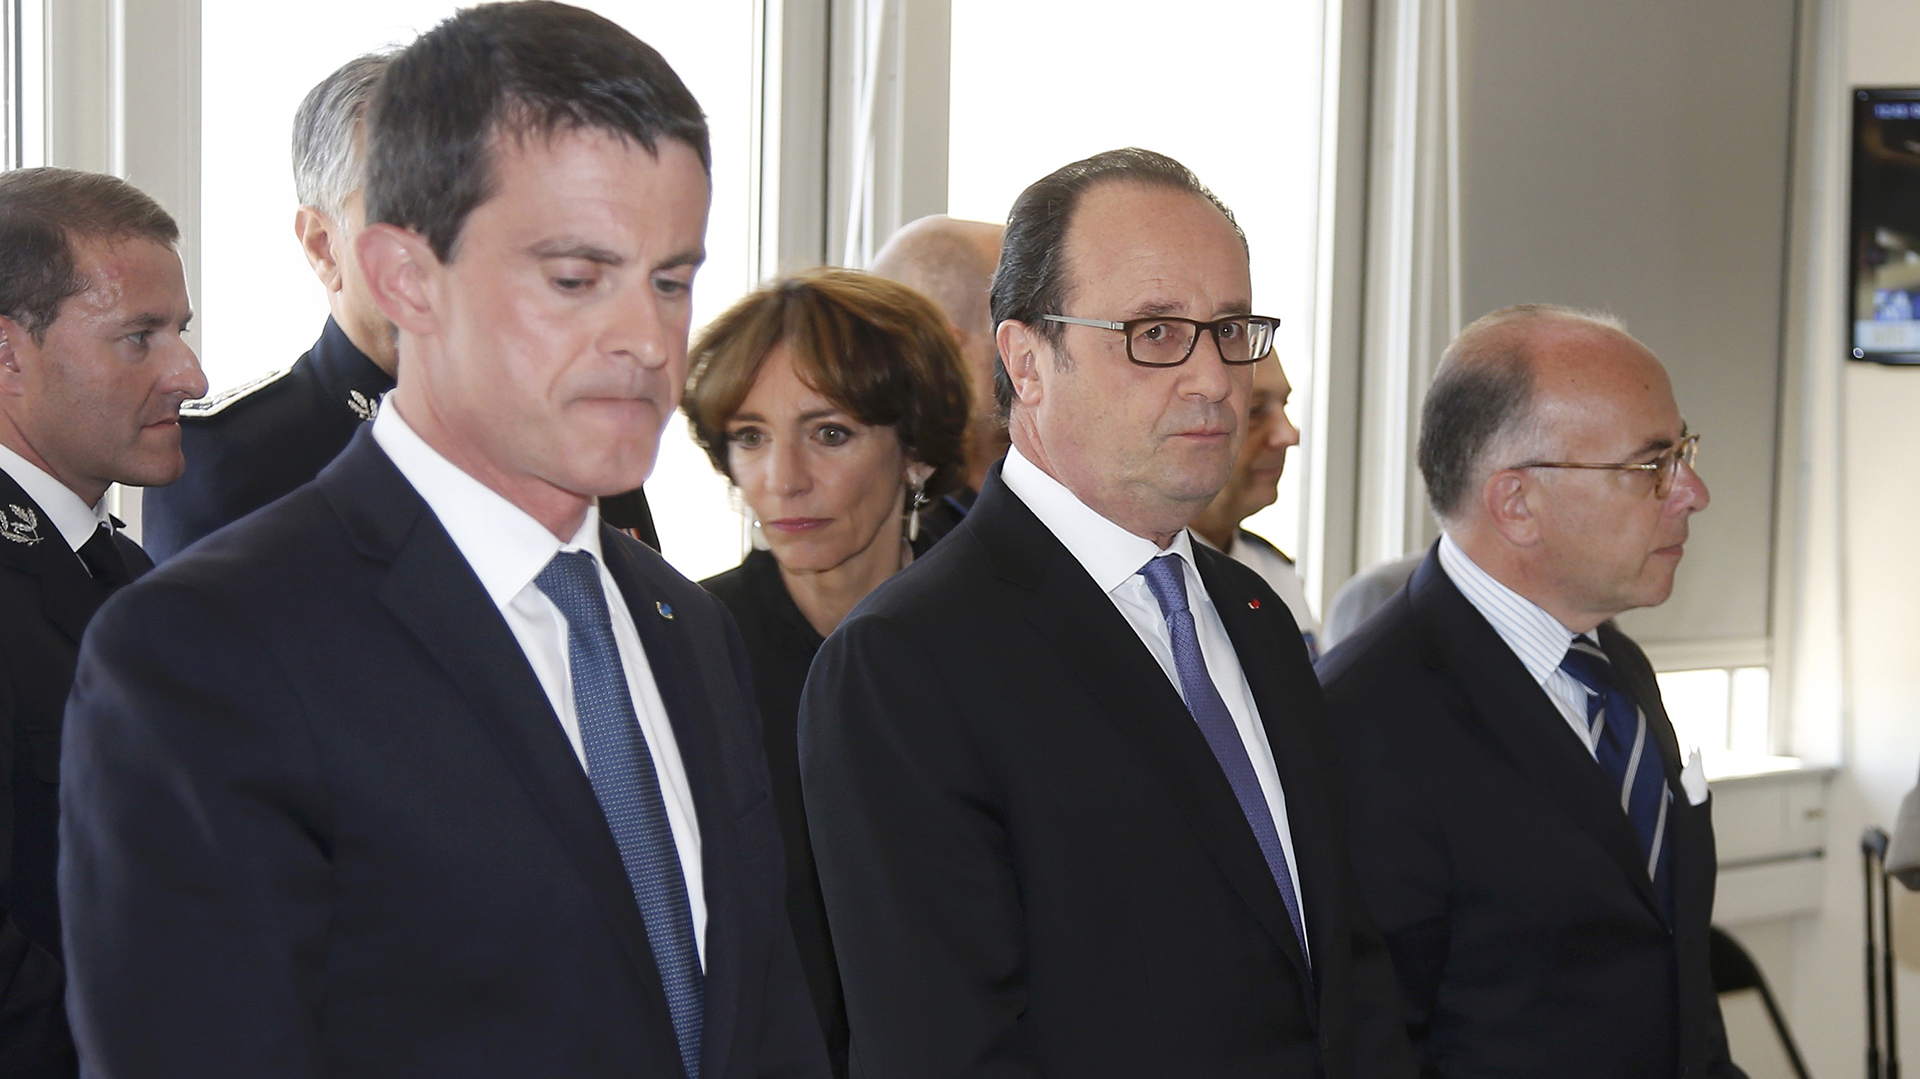 El premier francés Manuel Valls (izquierda) fue abucheado por los asistentes al acto en Niza.(Reuters)